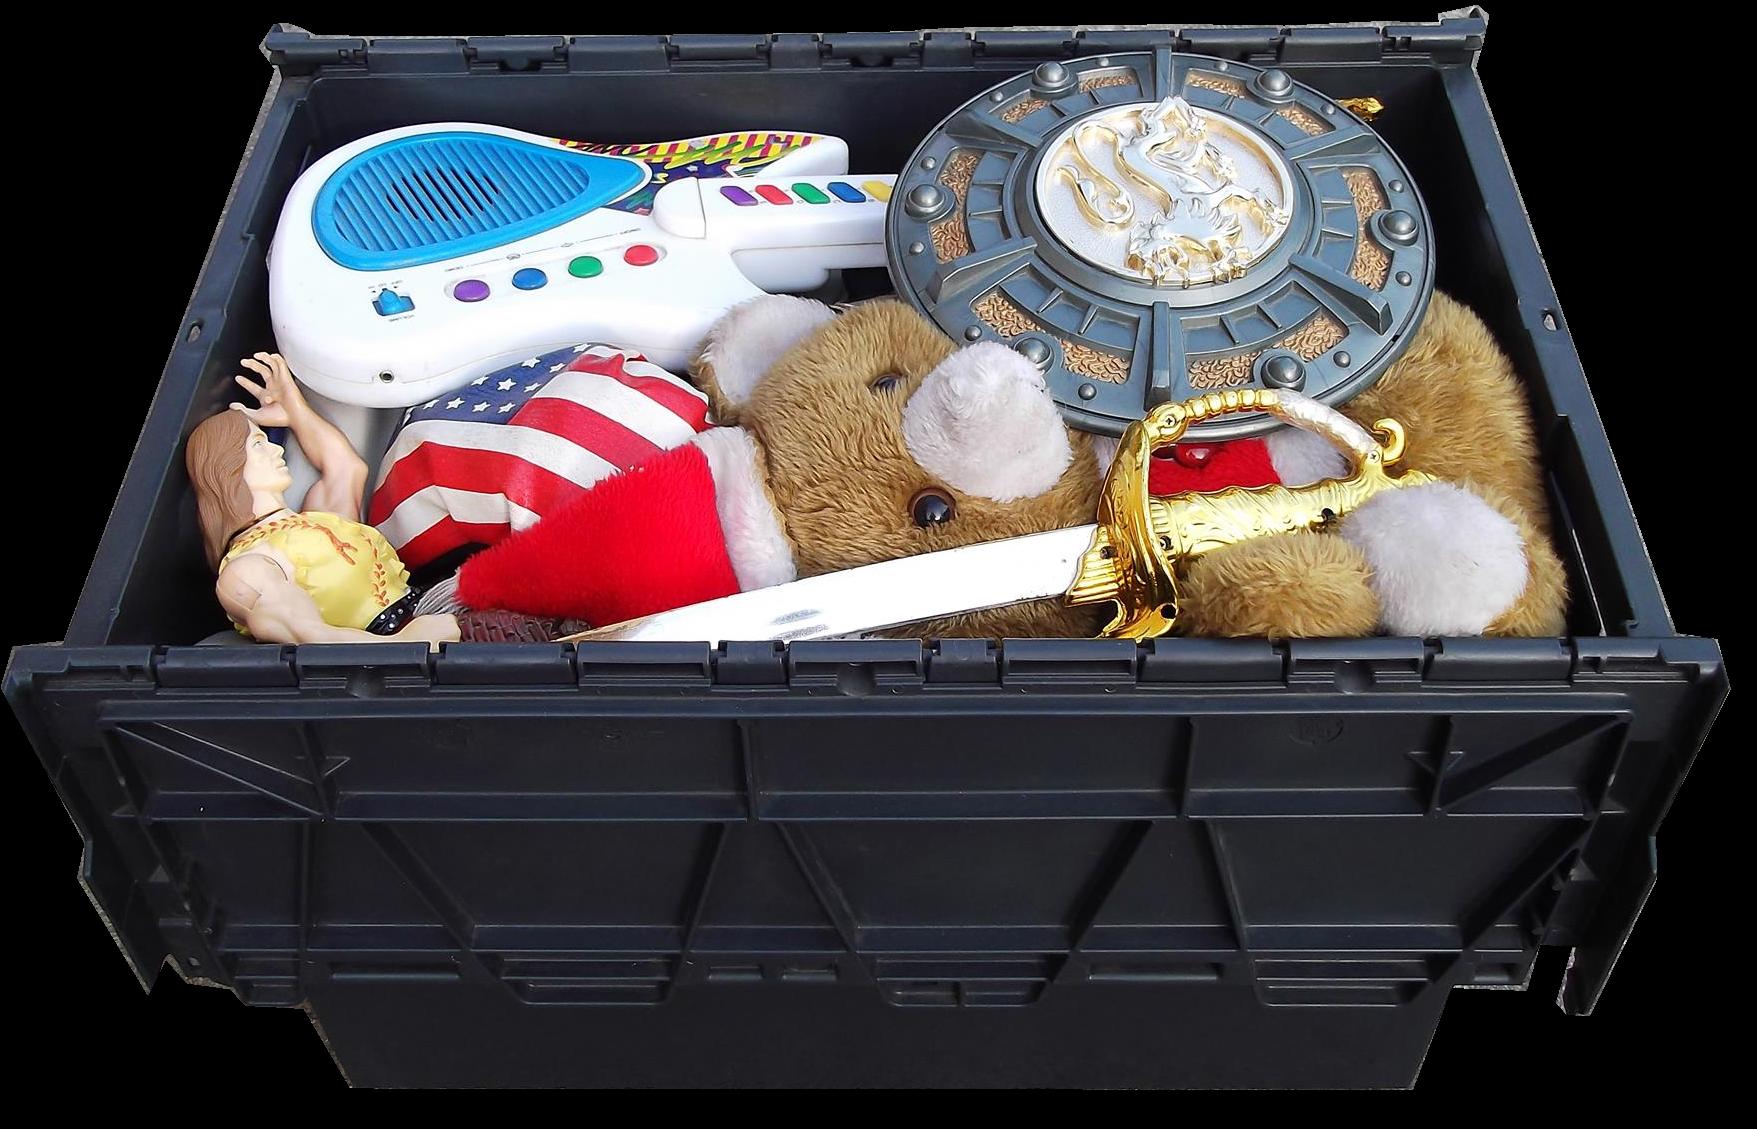 przechowywanie rzeczy -zabawki